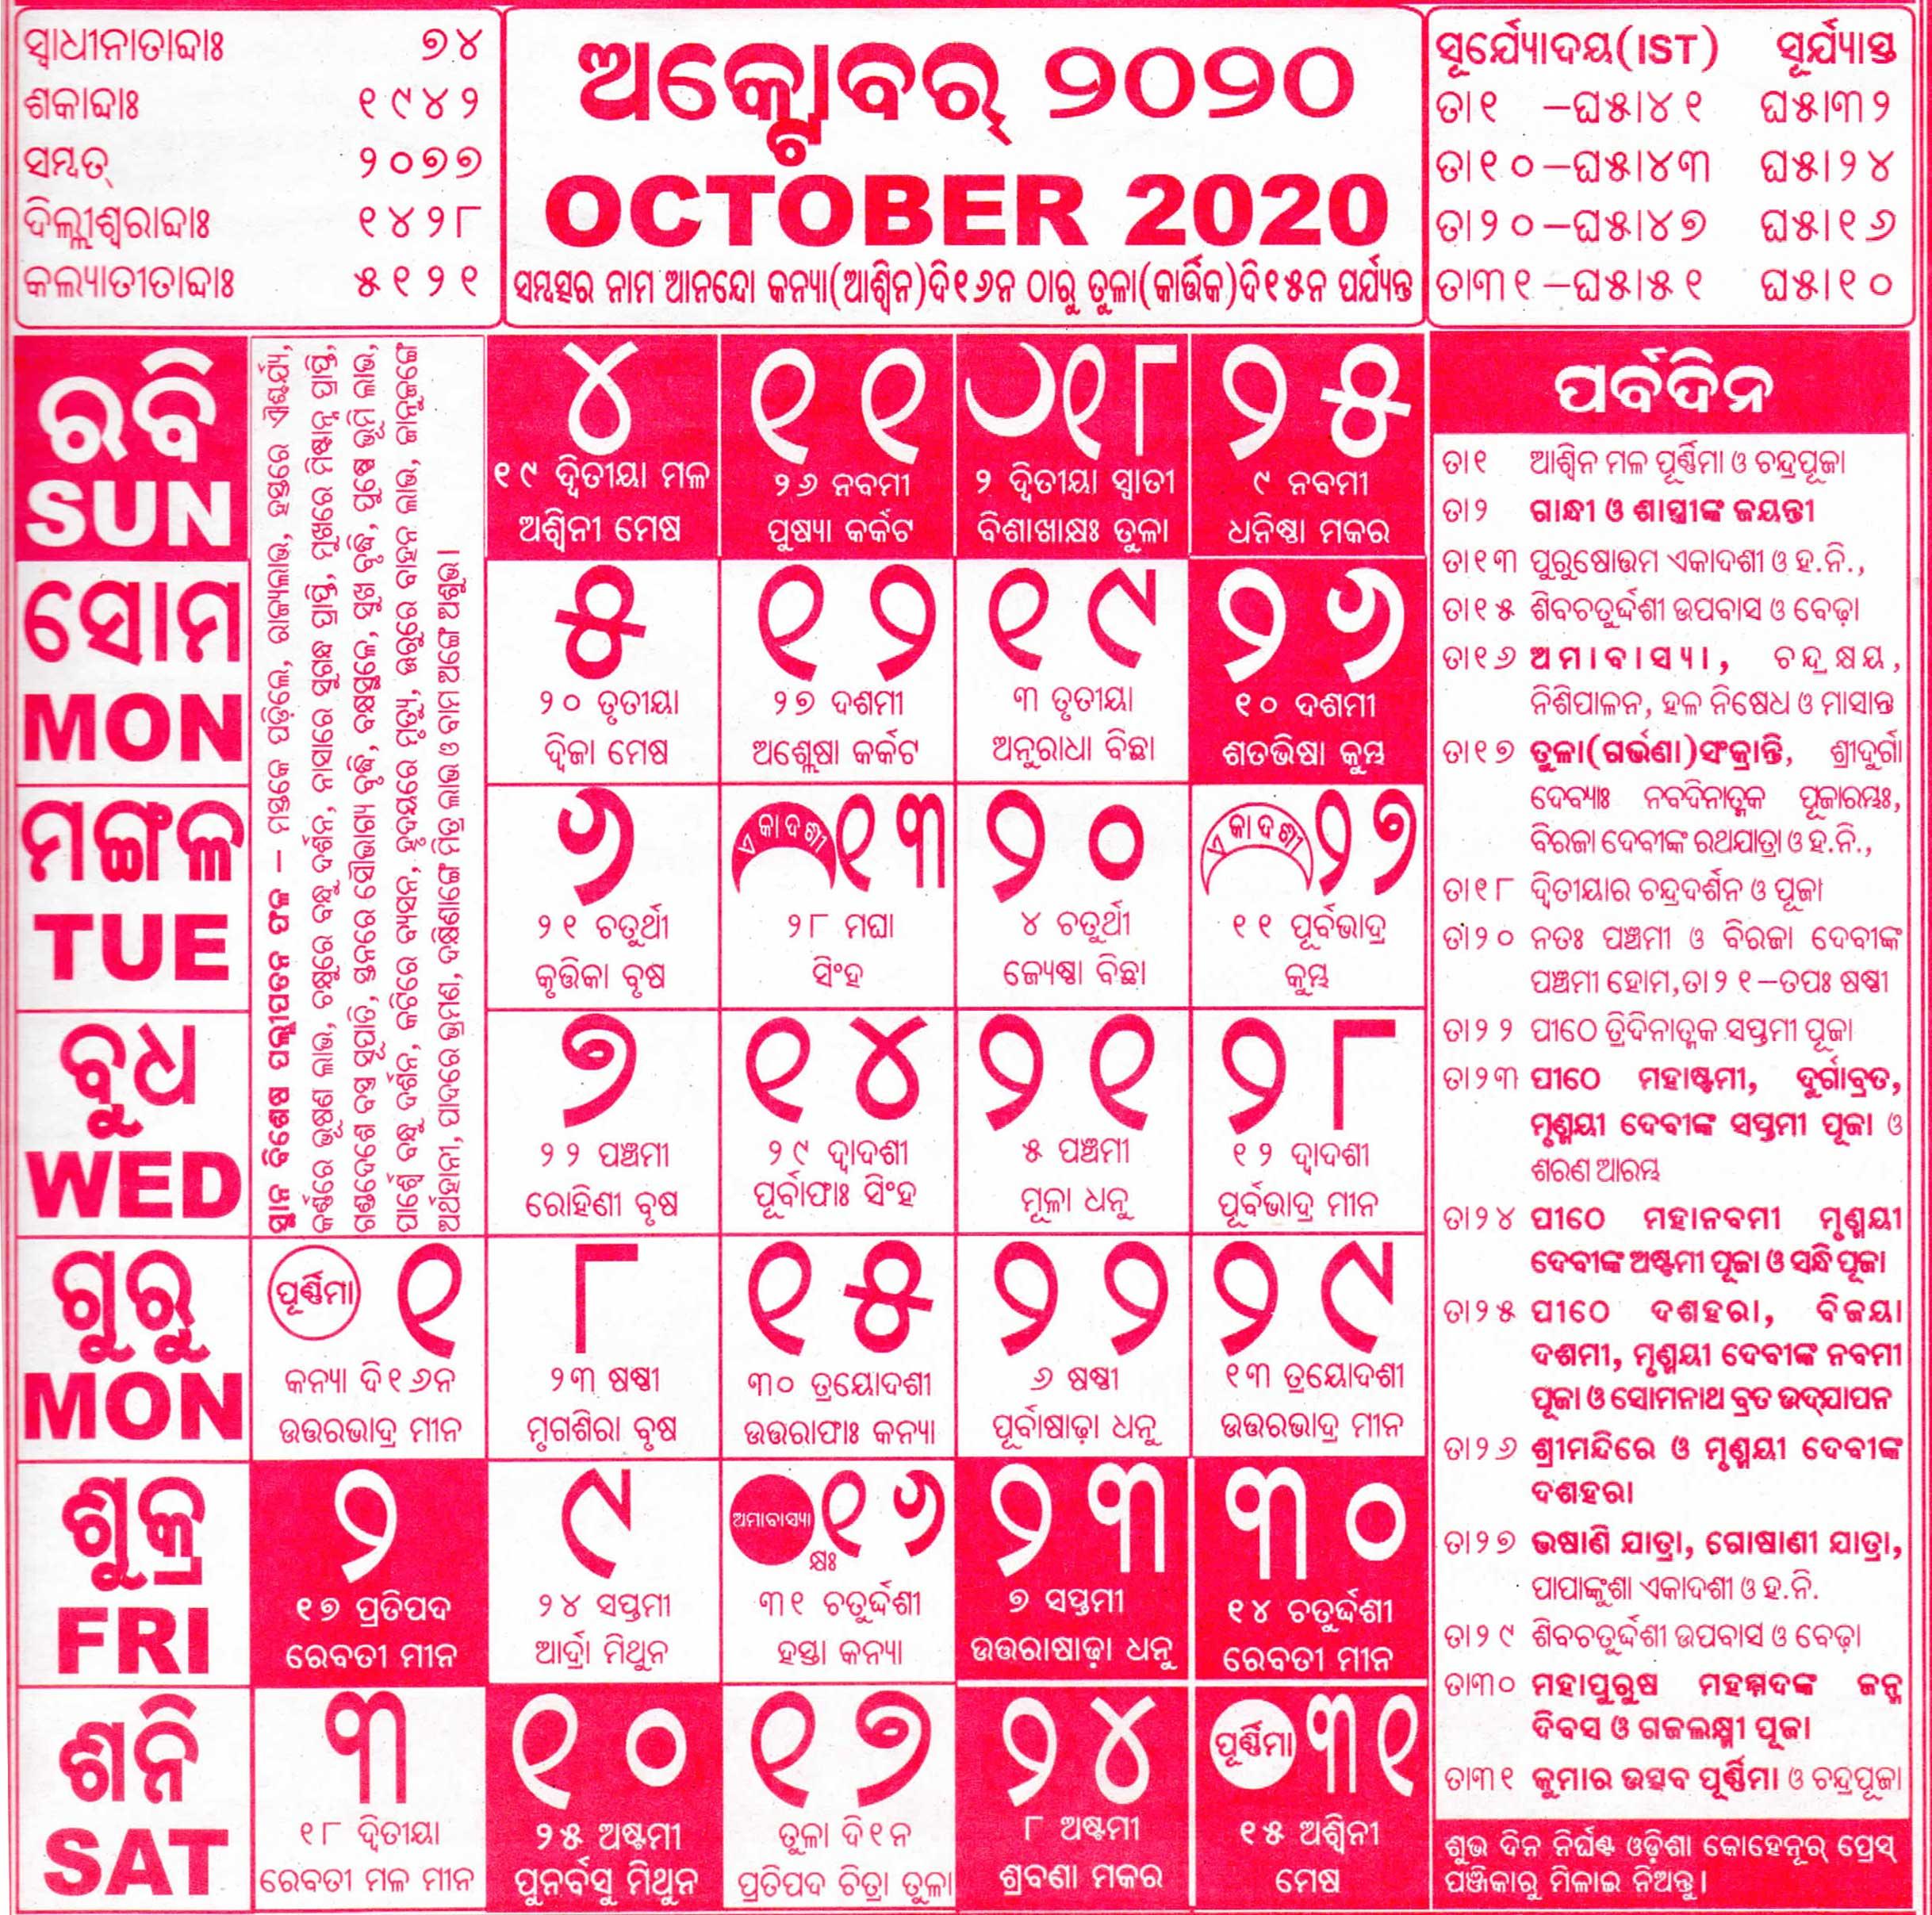 Odia Calendar October 2020 | | Calendarcraft intended for 2020 Oriya Calendar